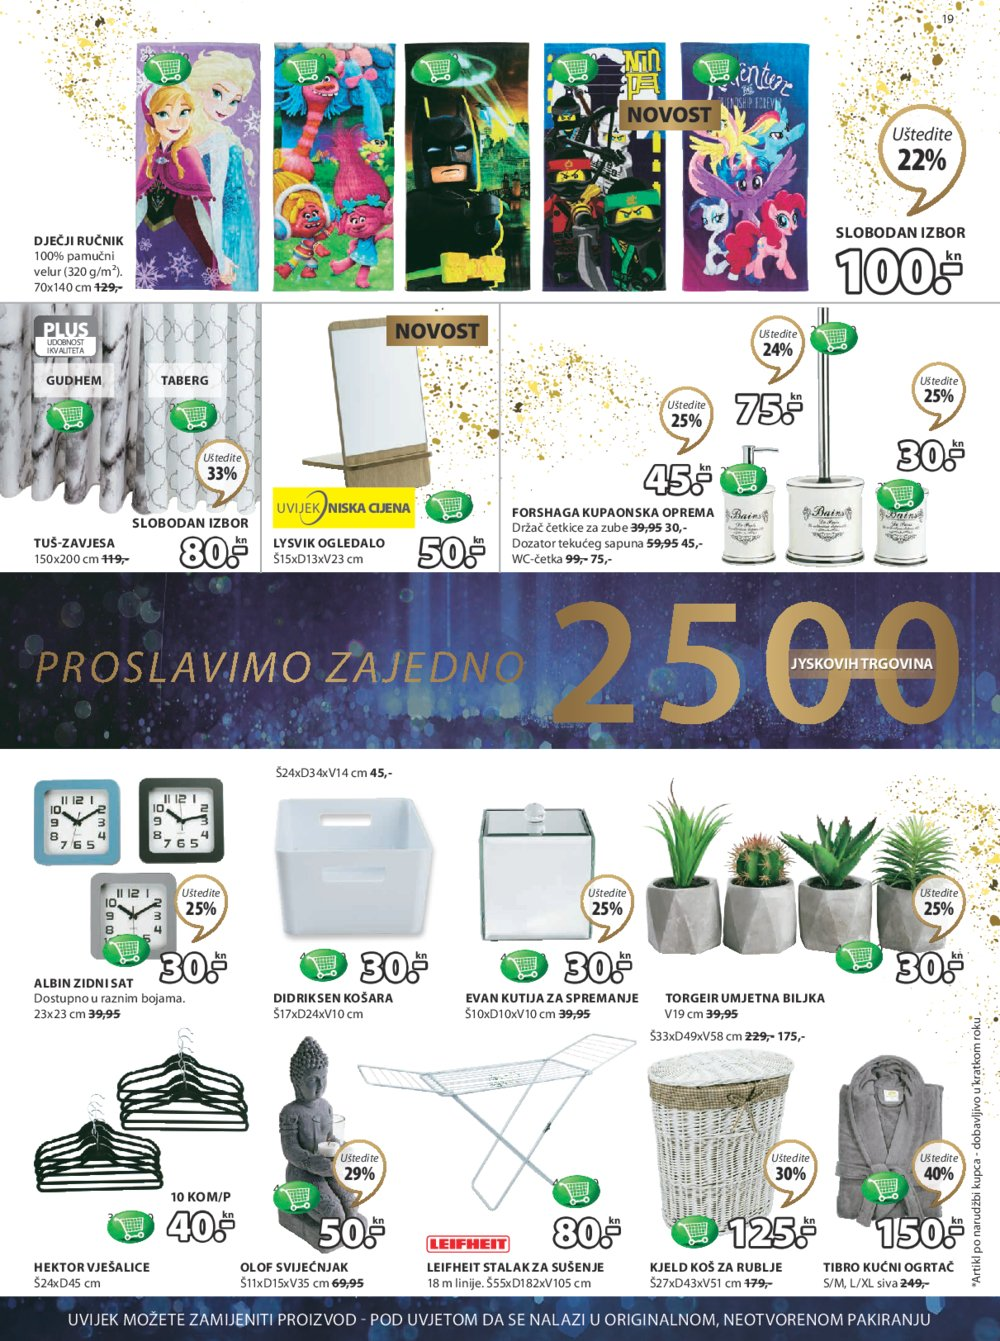 Jysk katalog Proslavimo zajedno 05.10.-18.10.2017.